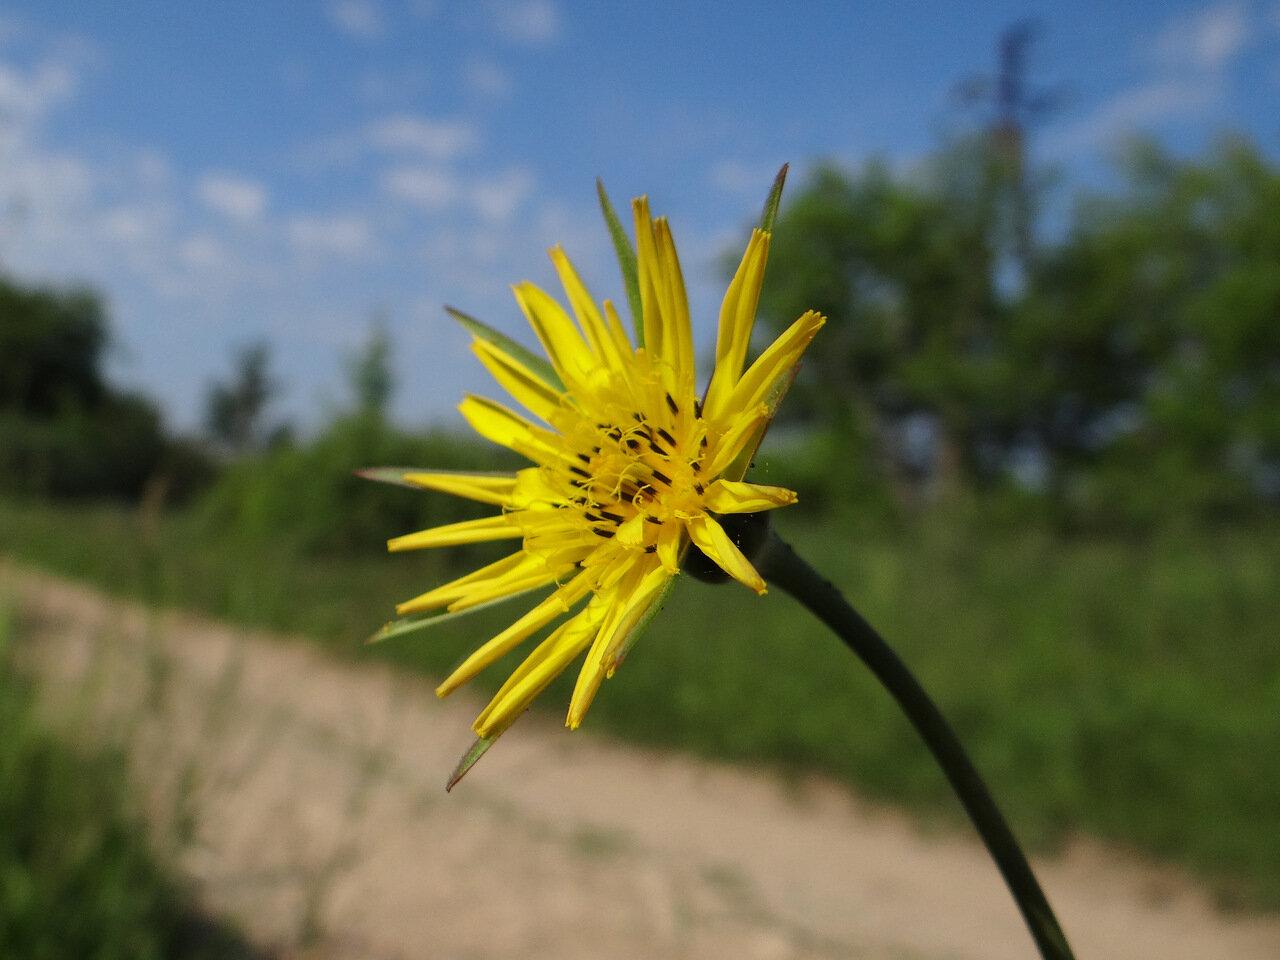 Козлобородник луговой (Tragopogon pratensis). Автор фото: Привалова Марина